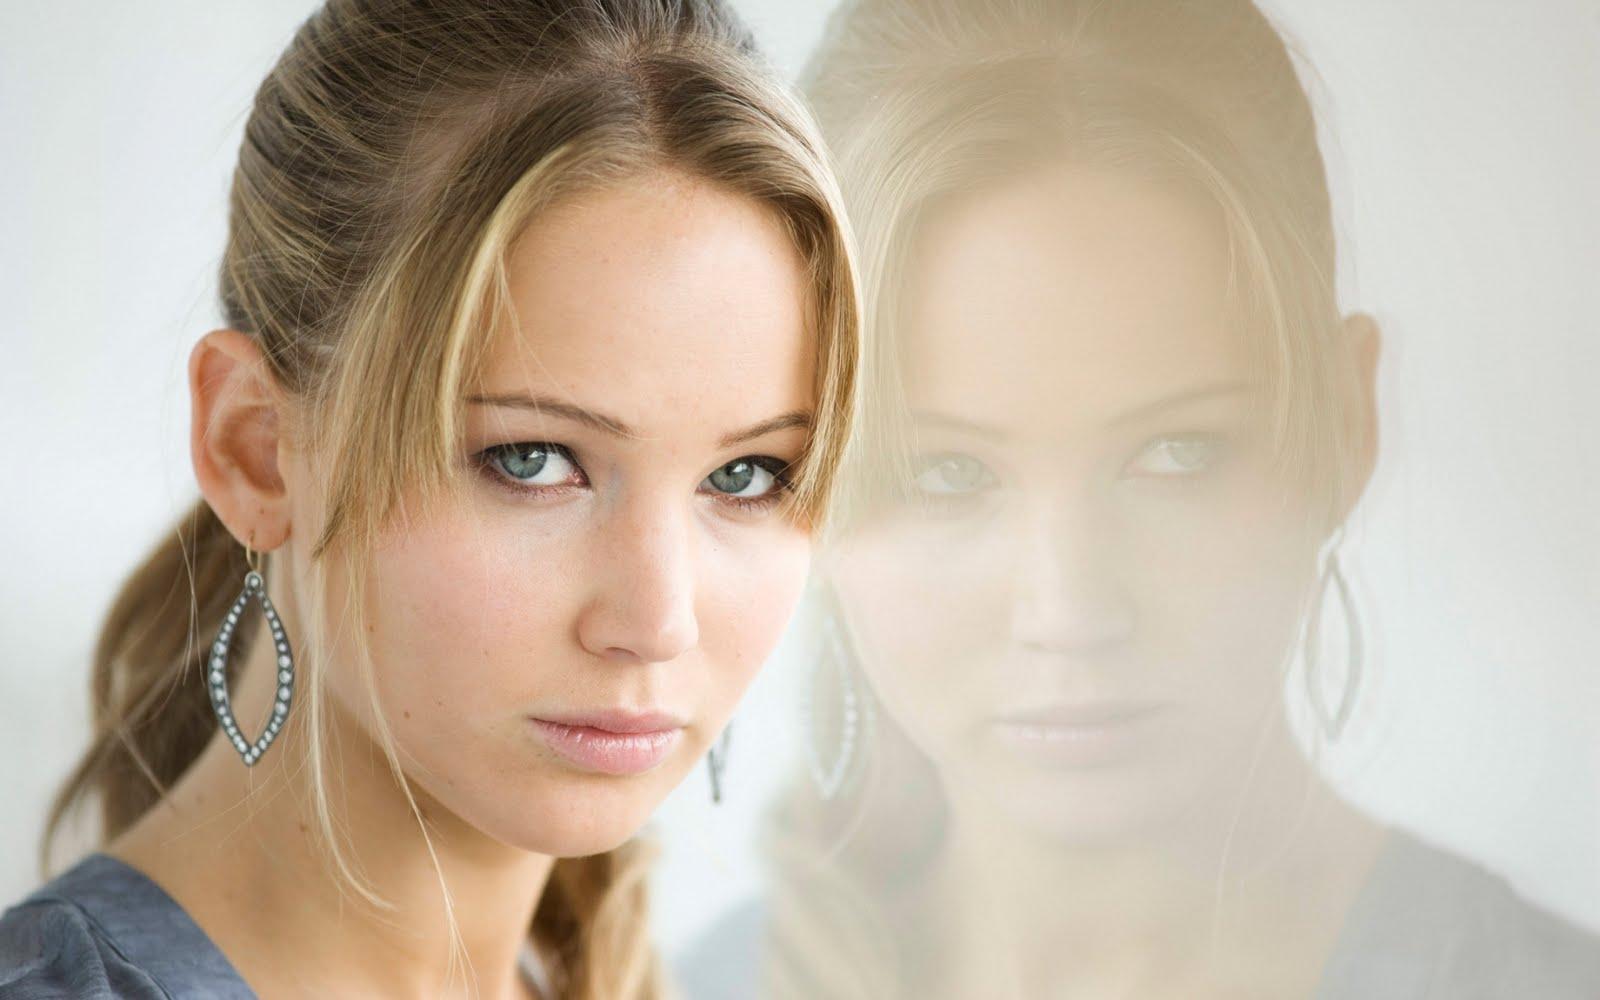 http://3.bp.blogspot.com/-KNQ0wh_rk8U/TcWjsgWxzbI/AAAAAAAAAB8/22uurZzsmZU/s1600/Jennifer-Lawrence.jpg